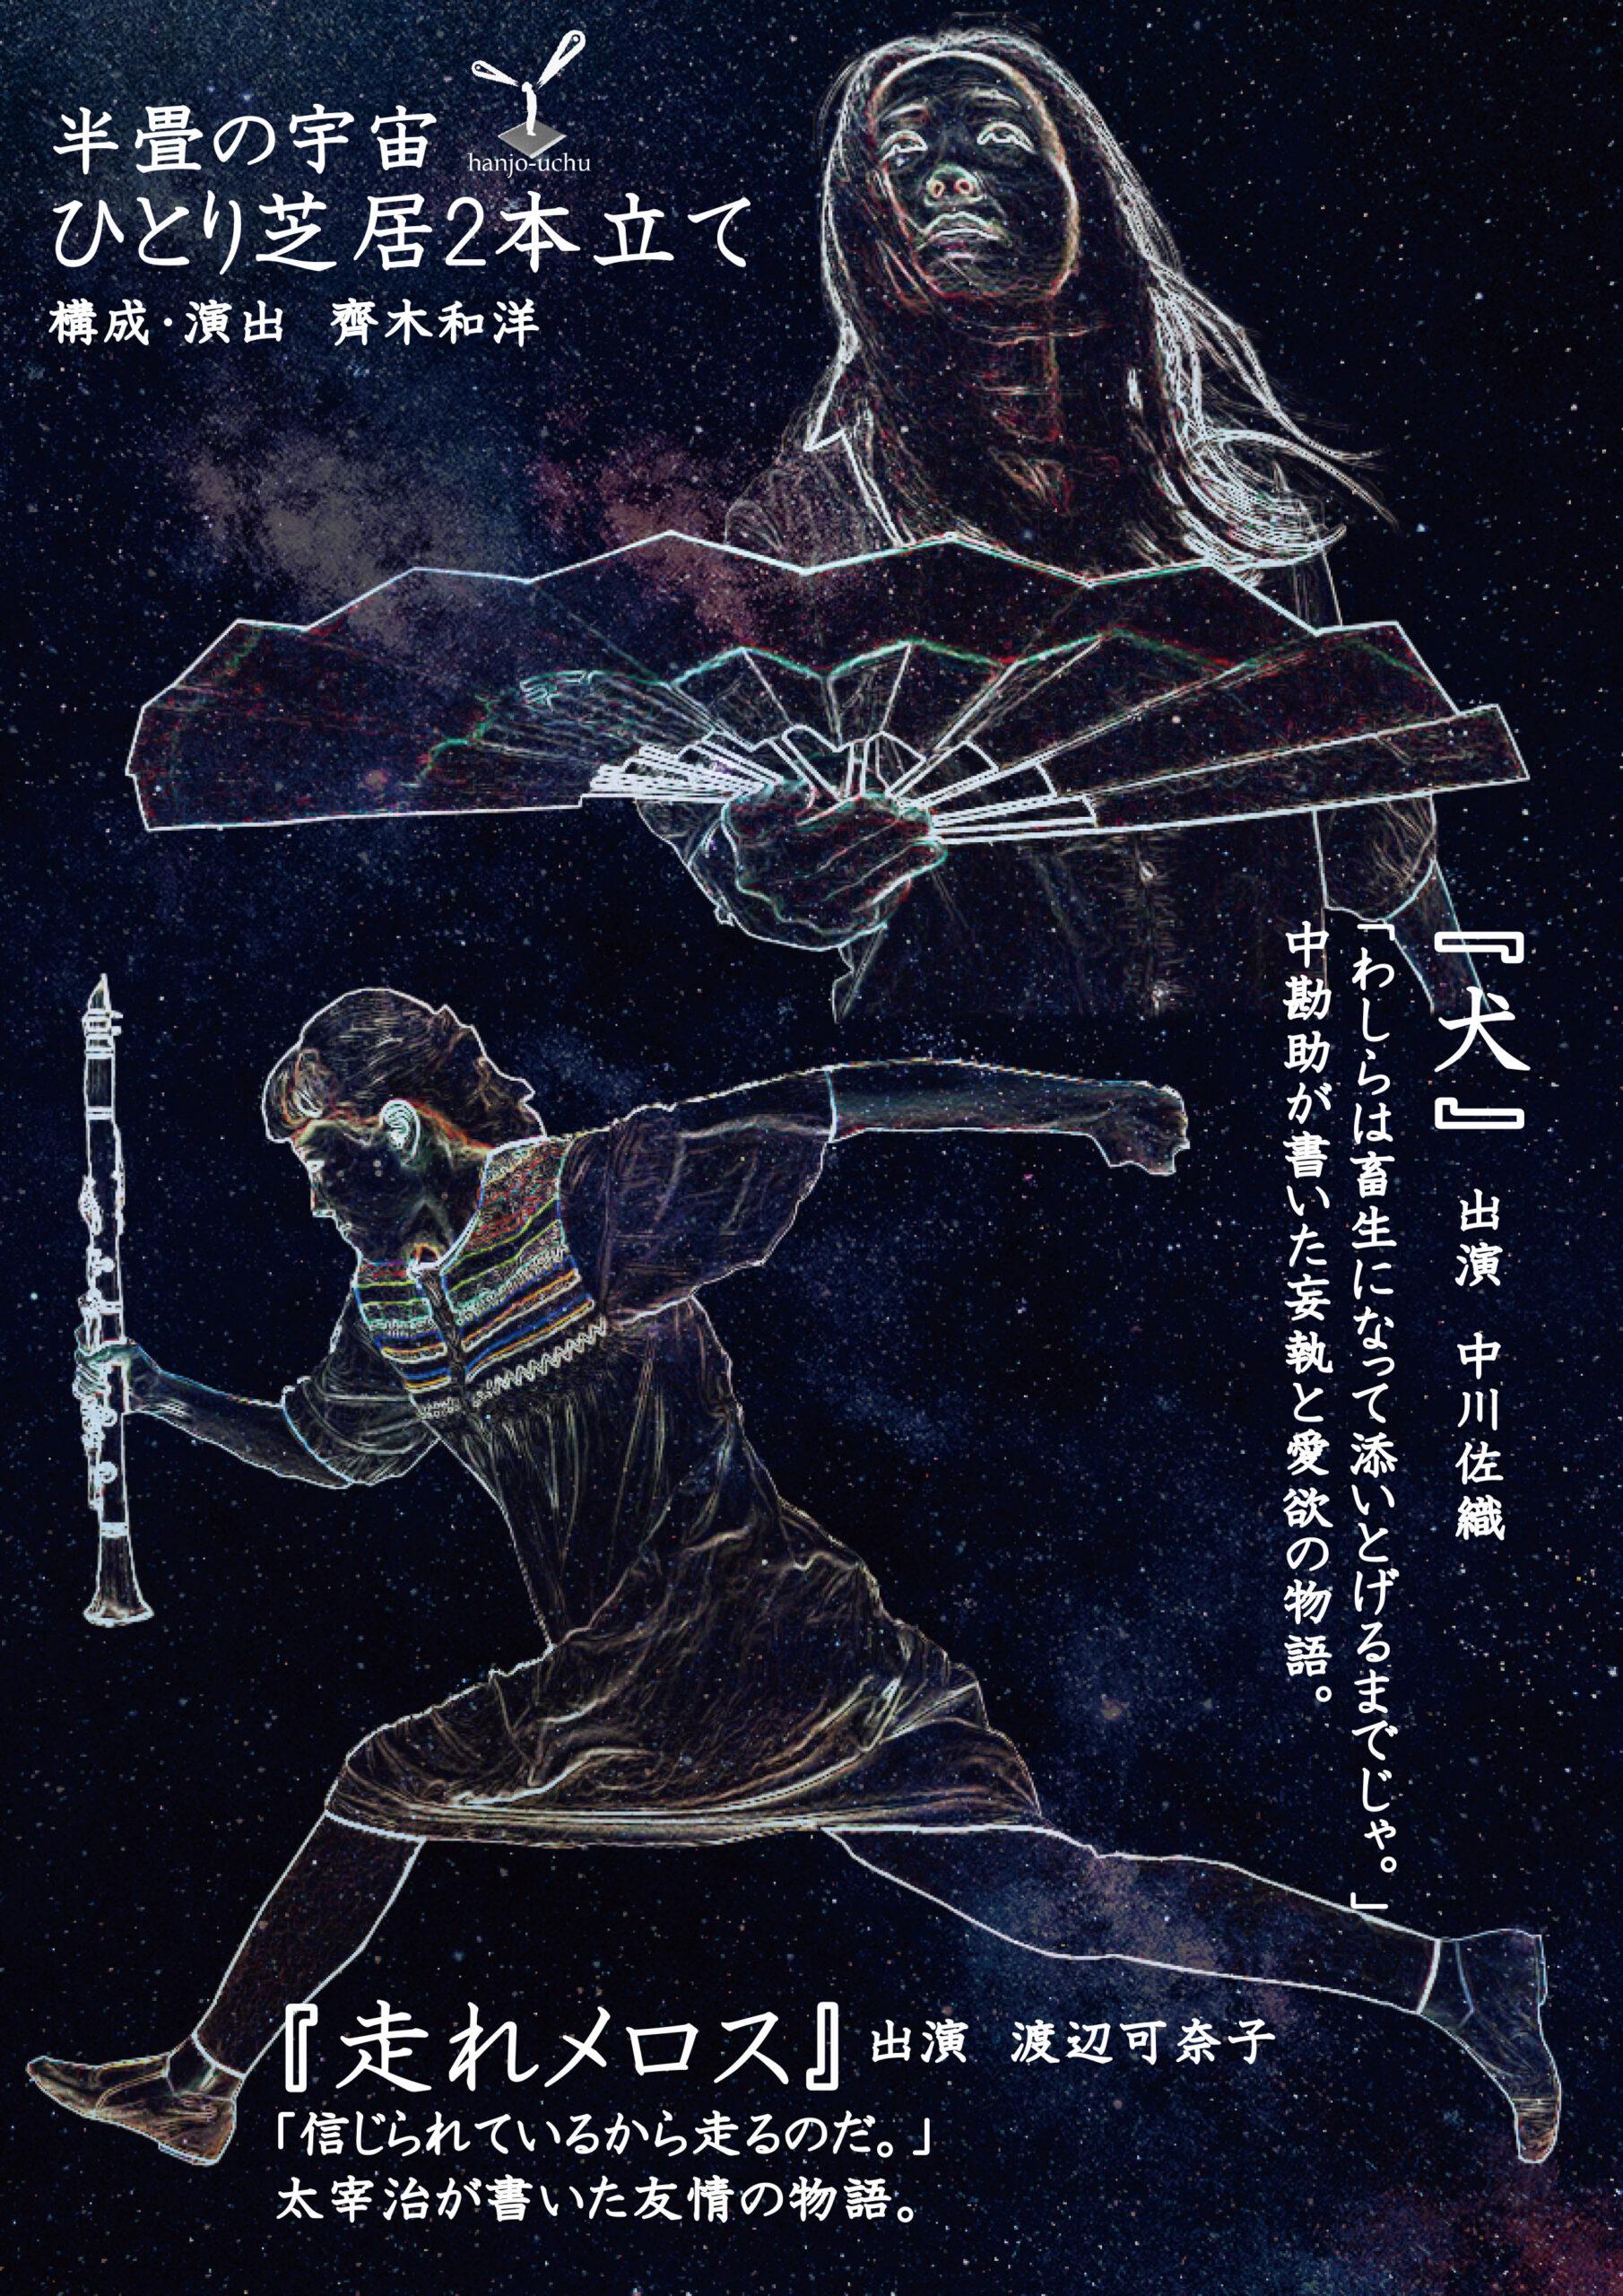 半畳の宇宙 ~hanjo-uchu~